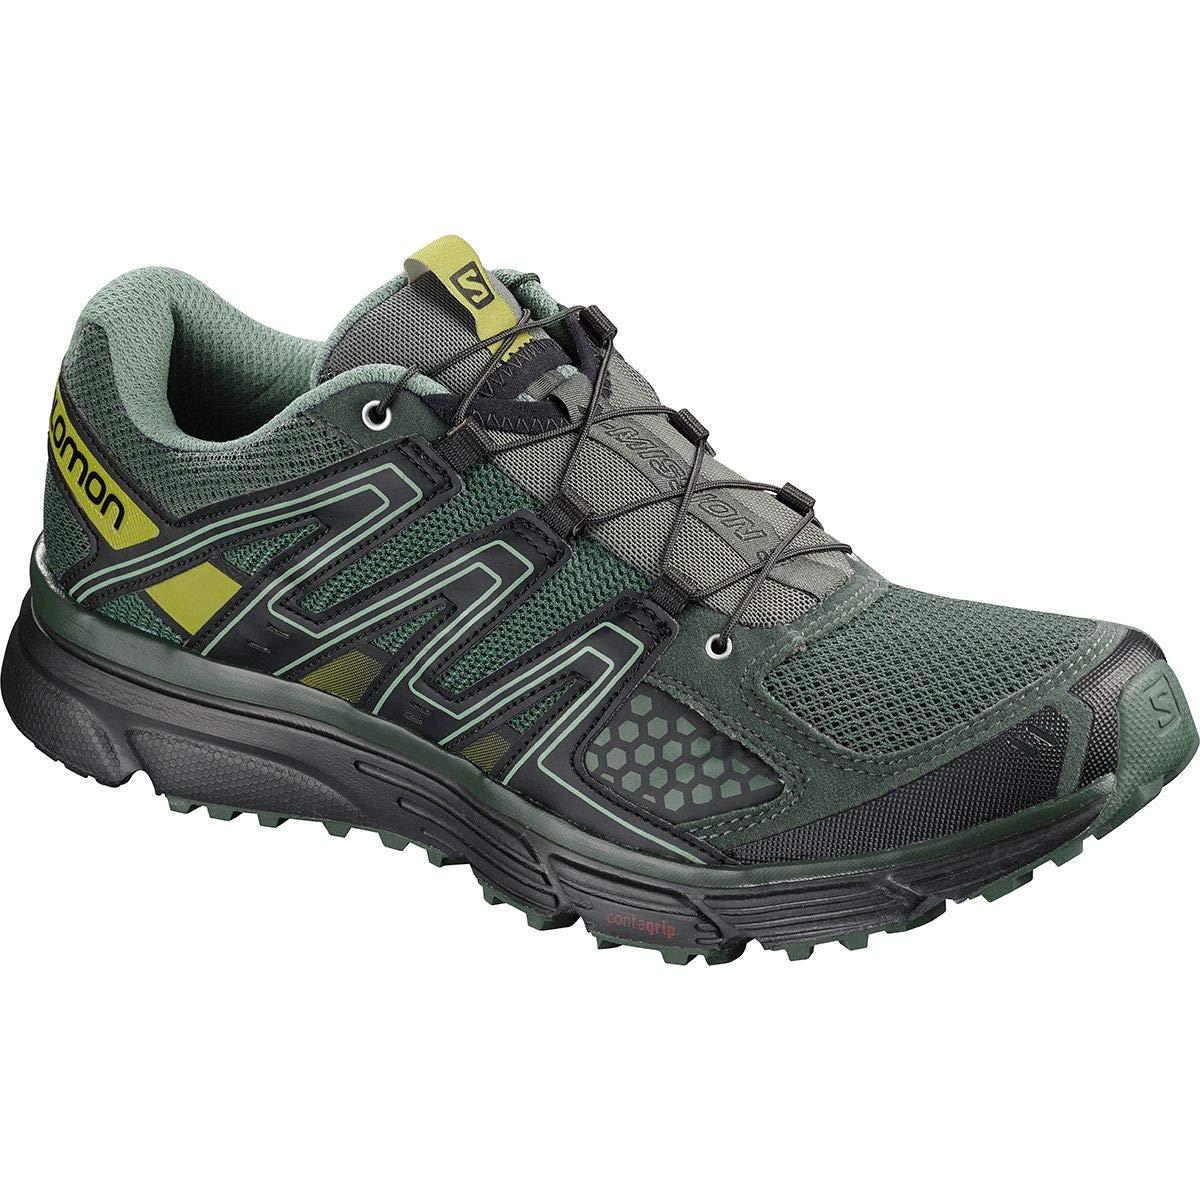 【当店一番人気】 [サロモン] 3 メンズ ランニング X-Mission US-9.0/UK-8.5 3 Running Trail Running Shoe [並行輸入品] B07GR3J67G US-9.0/UK-8.5, 名入オリジナルギフトショップ旨安:3bd5499e --- mail.afisc.net